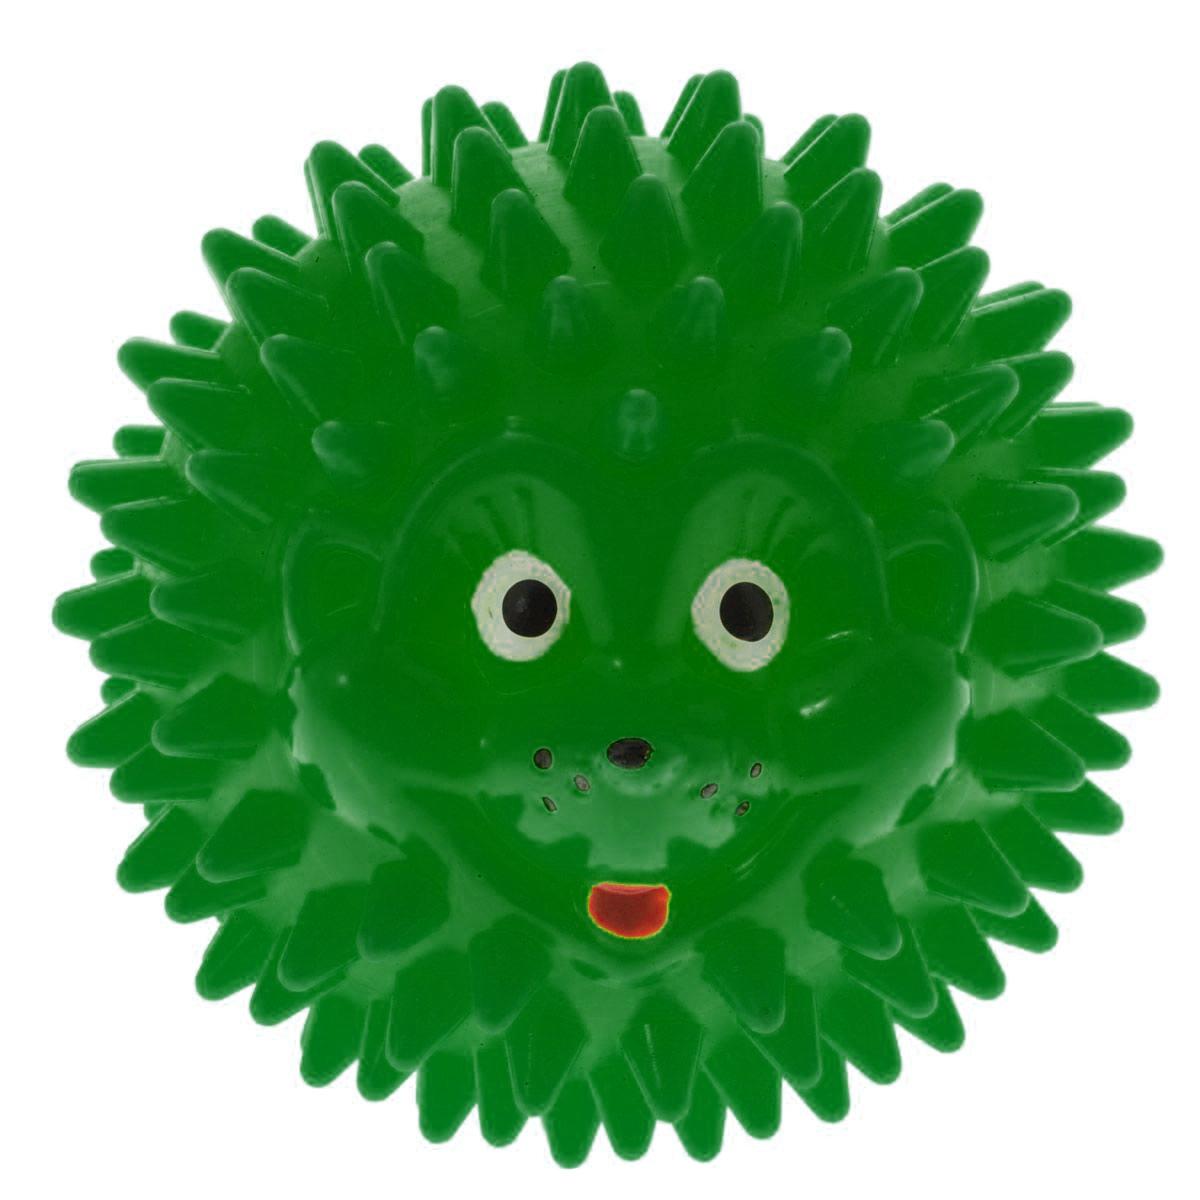 Массажер Дельтатерм Шарик-Ежик, цвет: зеленый, диаметр 50 мм00000833С помощью массажного мяча Шарик-Ежик можно самостоятельно проводить мягкий массаж ладоней, стоп и всего тела. Такой массаж способствует повышению кожно-мышечного тонуса, уменьшению венозного застоя и ускорению капиллярного кровотока, улучшению функционирования периферической и центральной нервных систем. Идеально подходит для проведения массажа у маленьких детей. Развивает мышление, координацию движений и совершенствует моторику нежных пальчиков малыша и является интересной веселой игрушкой.